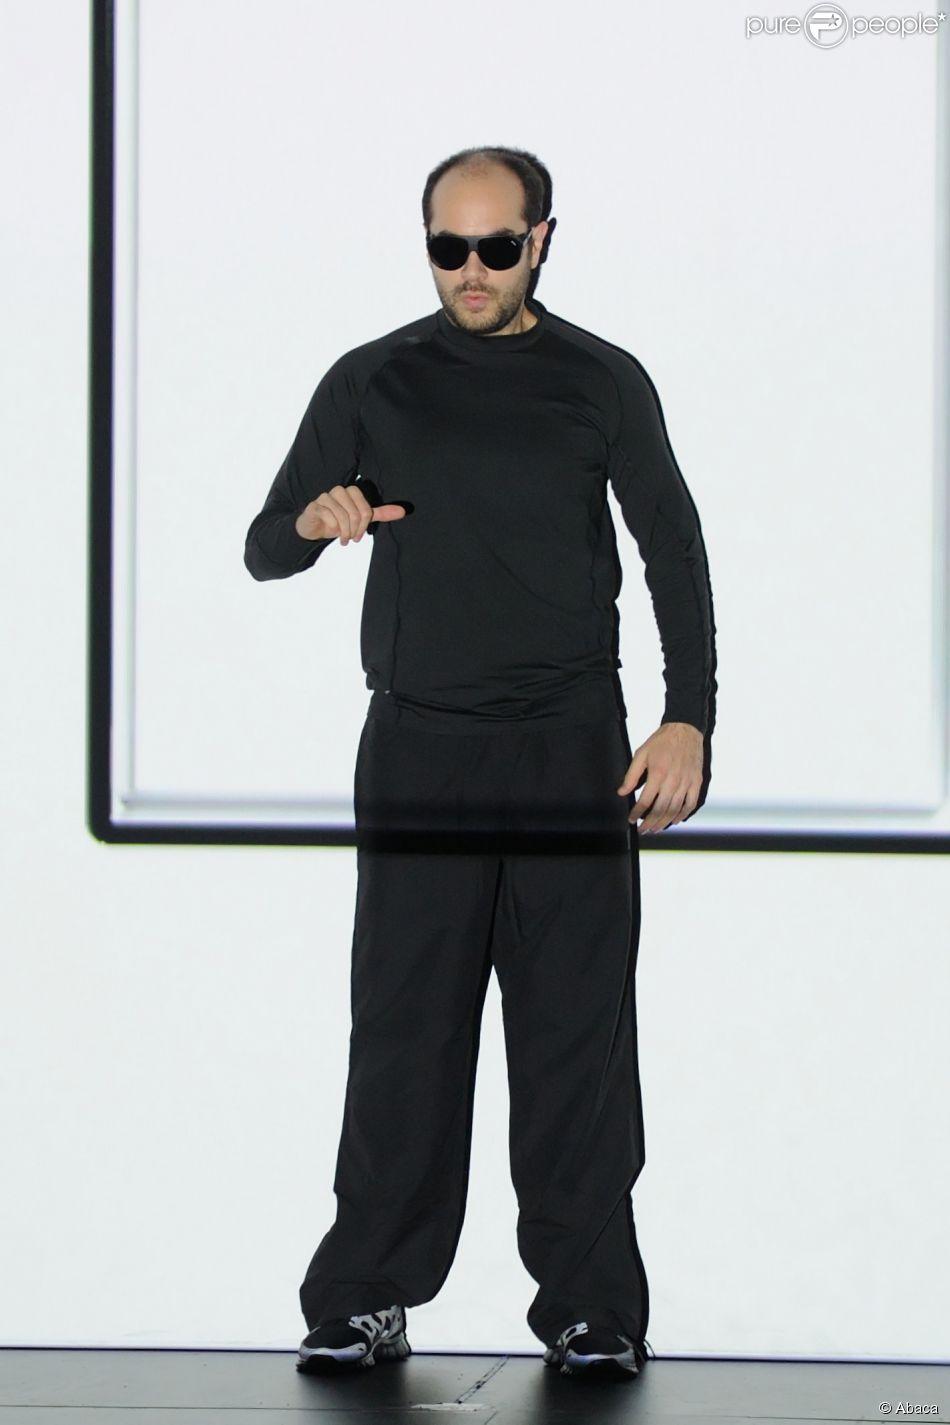 Kyan Khojandi, lors de l'enregistrement de la soirée des 30 ans de Canal+, le vendredi 31 octobre 2014 au Palais des Sports de Paris. Diffusion le mardi 4 novembre 2014 sur Canal+.